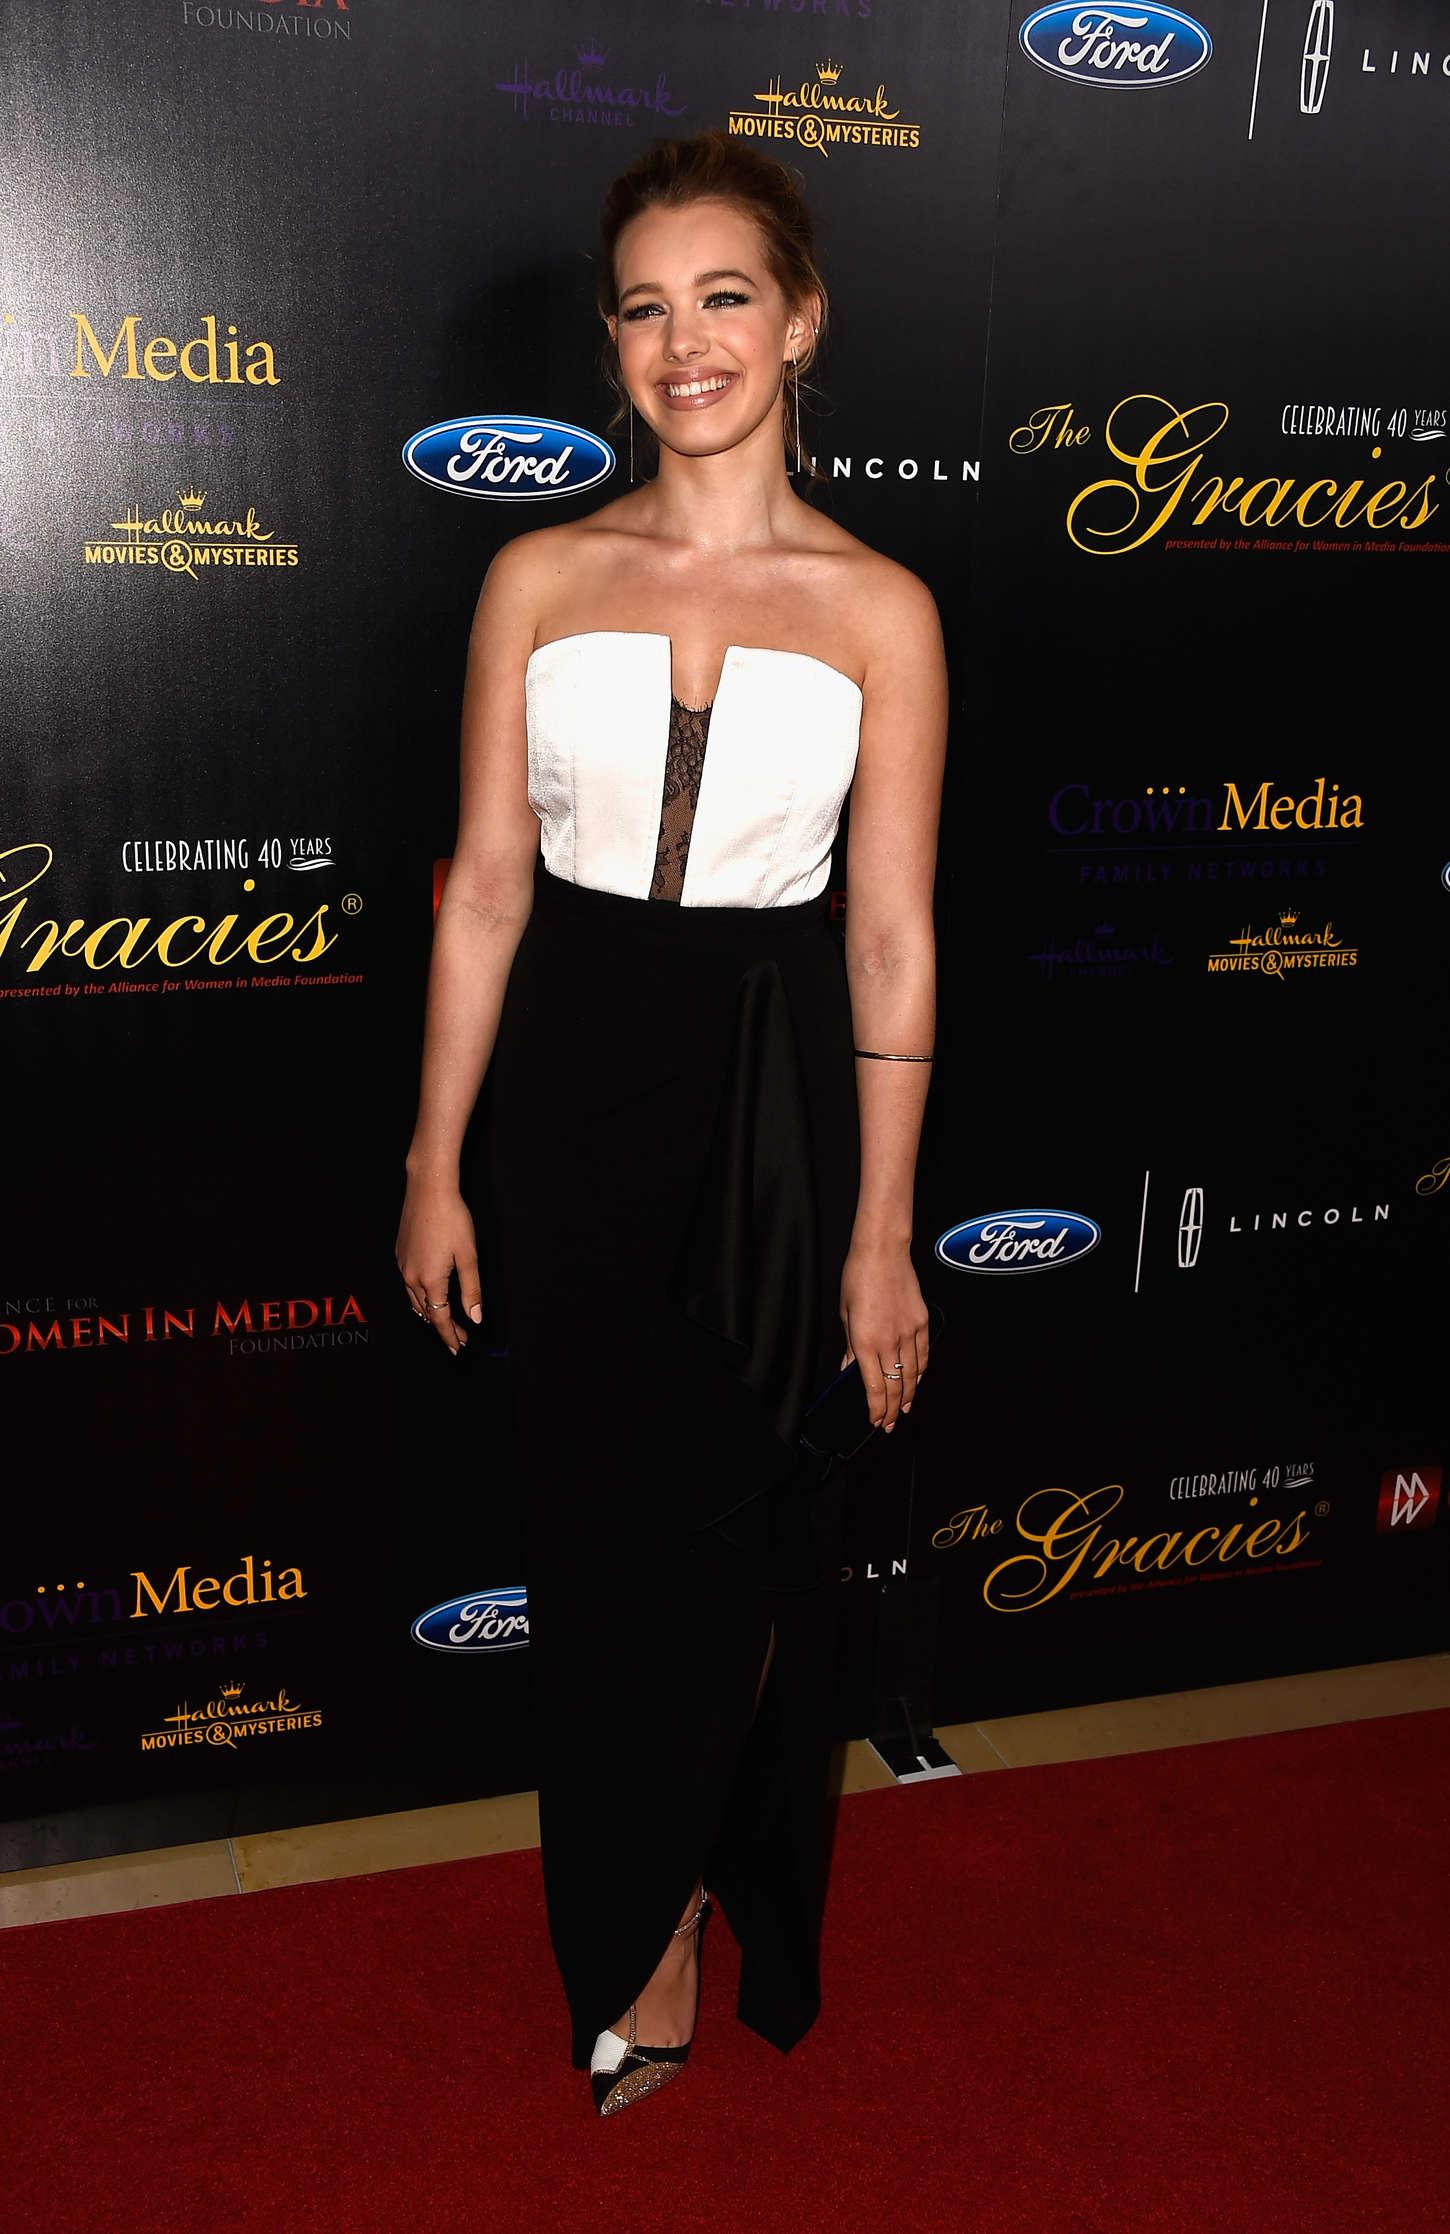 Sadie Calvano Anniversary Gracies Awards in Beverly Hills